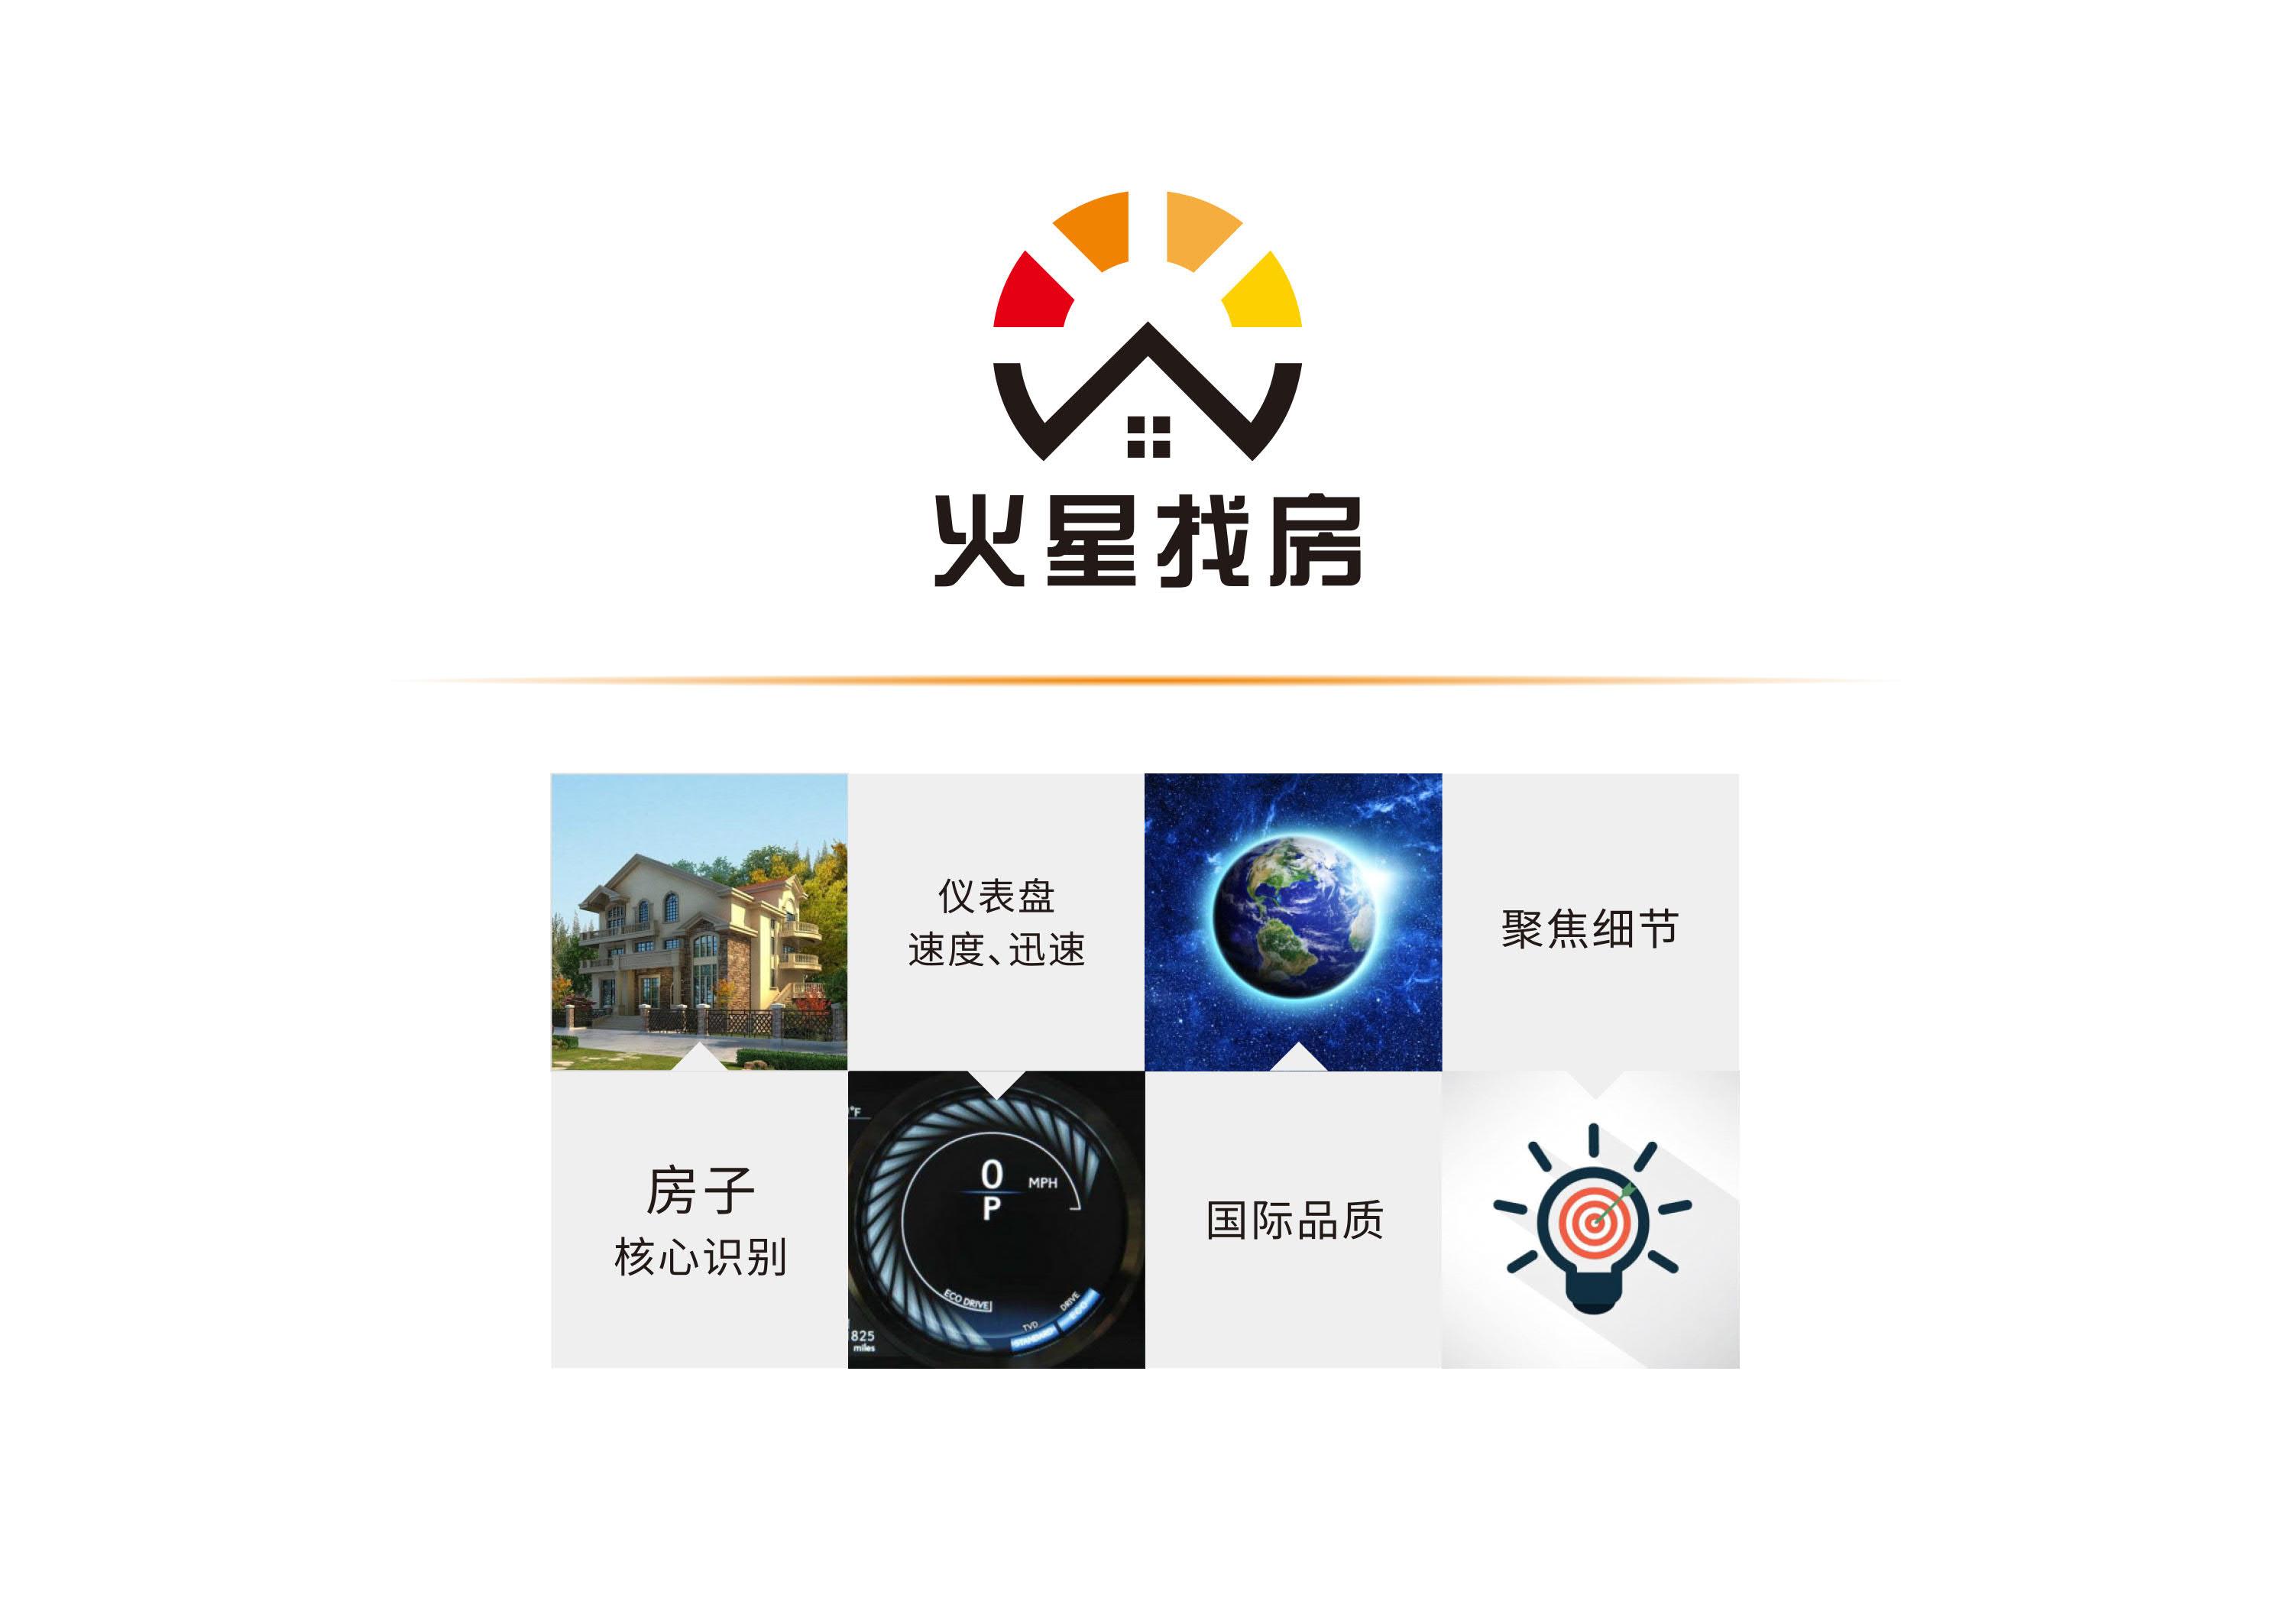 青島火星找房房產經紀有限公司2